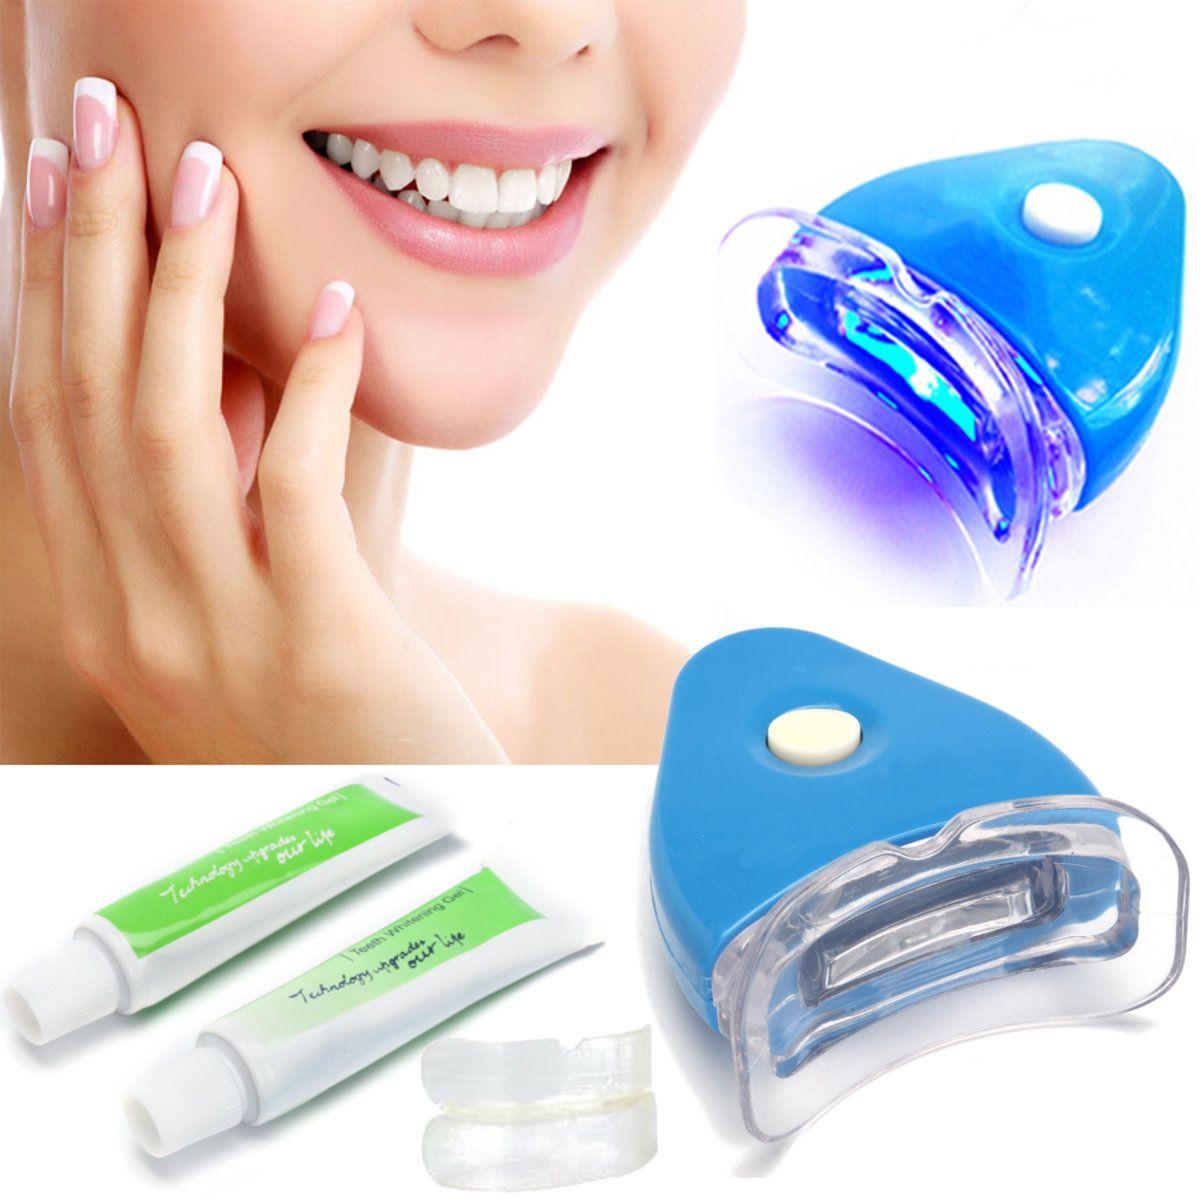 جهاز تبييض الاسنان Blanchir Les Dents Dentaire Blanchiment Dentaire